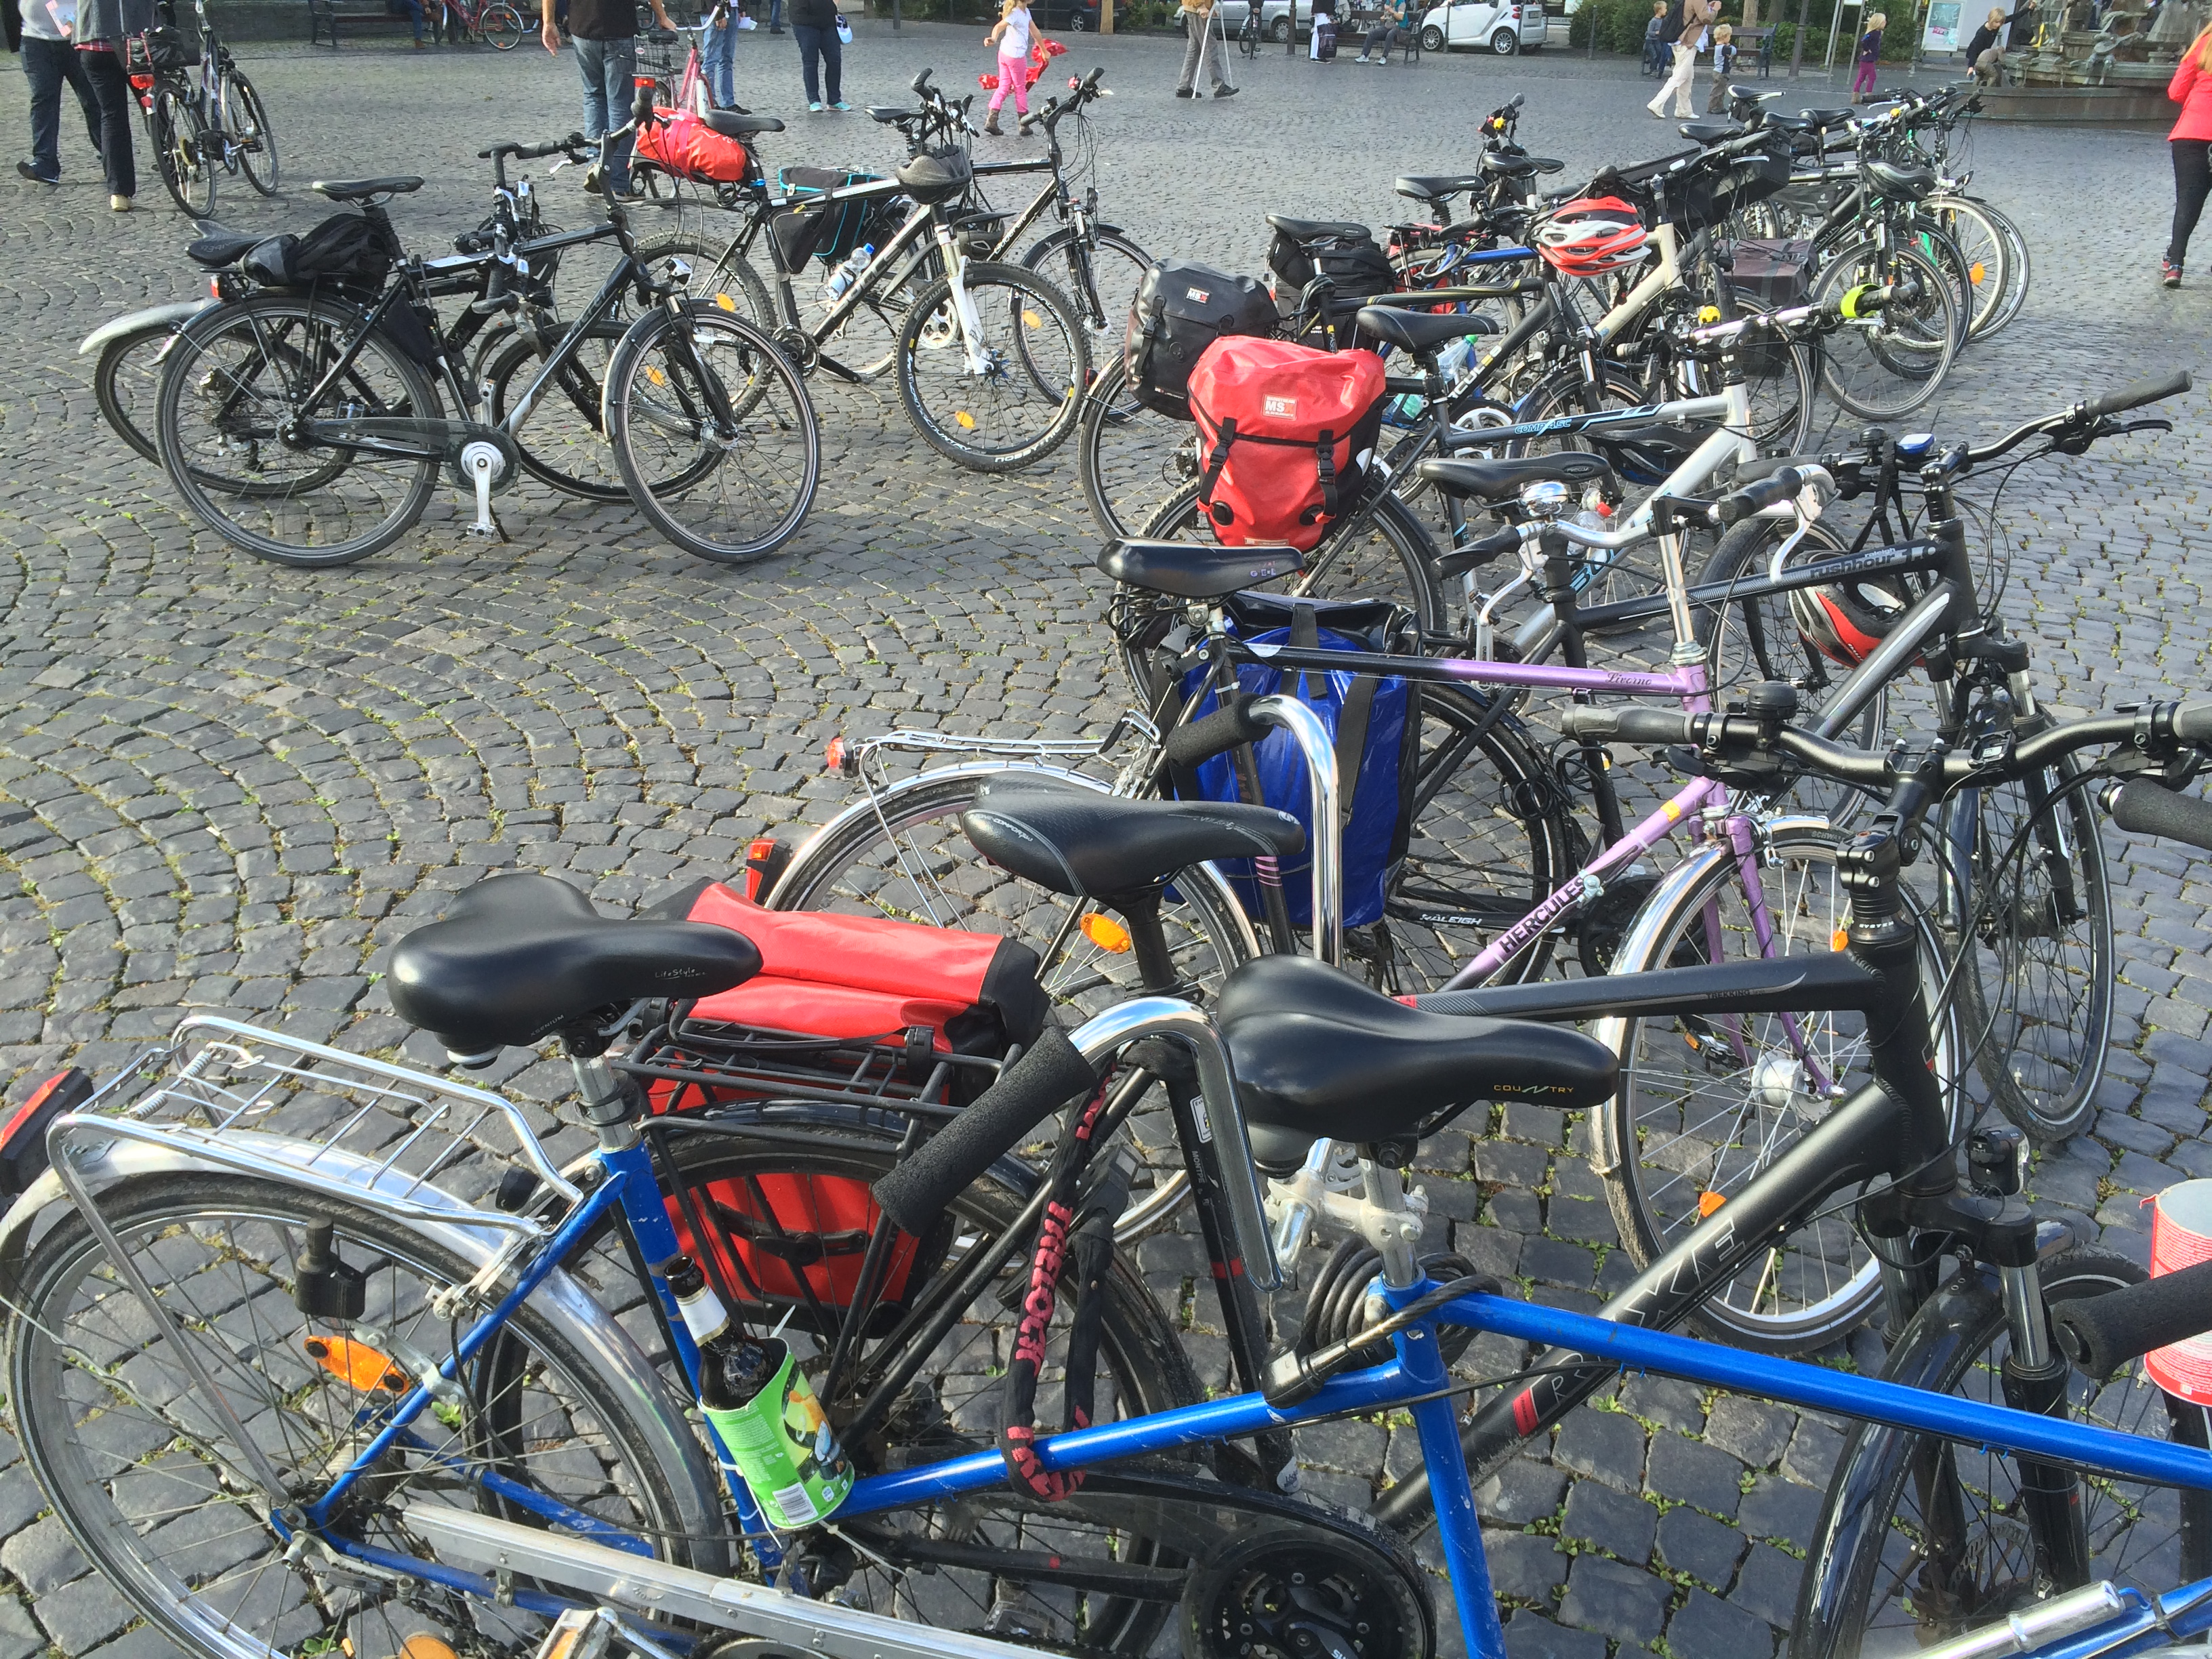 Fahrräder auf dem Rathausplatz in Lippstadt